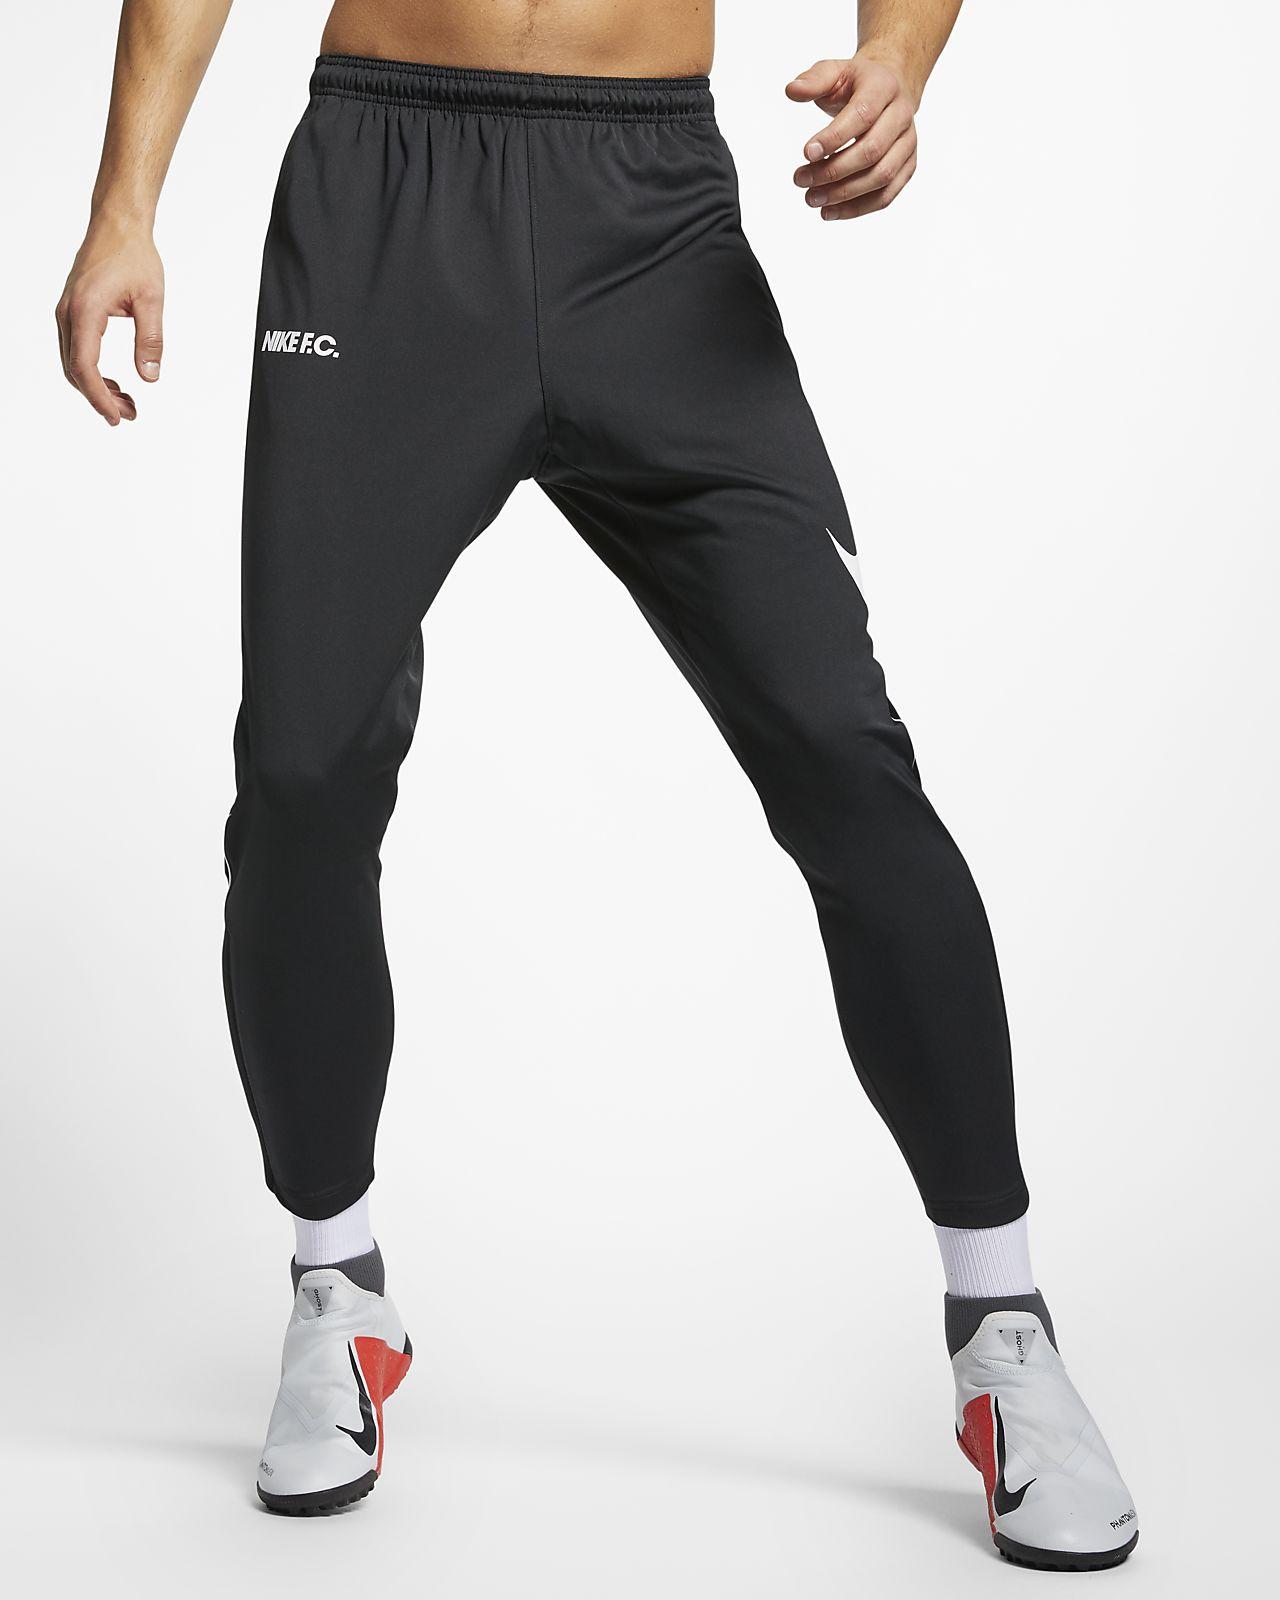 Nike F.C. fodboldbukser til mænd